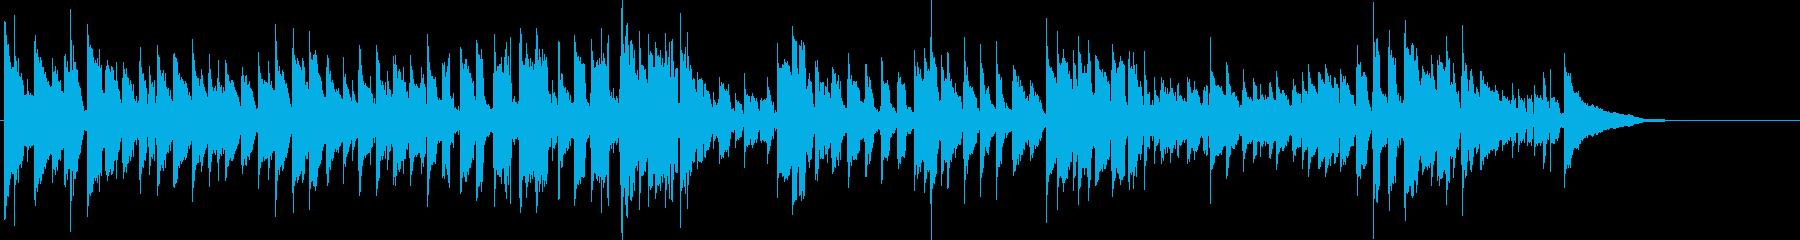 ギターのカントリーミュージックの再生済みの波形